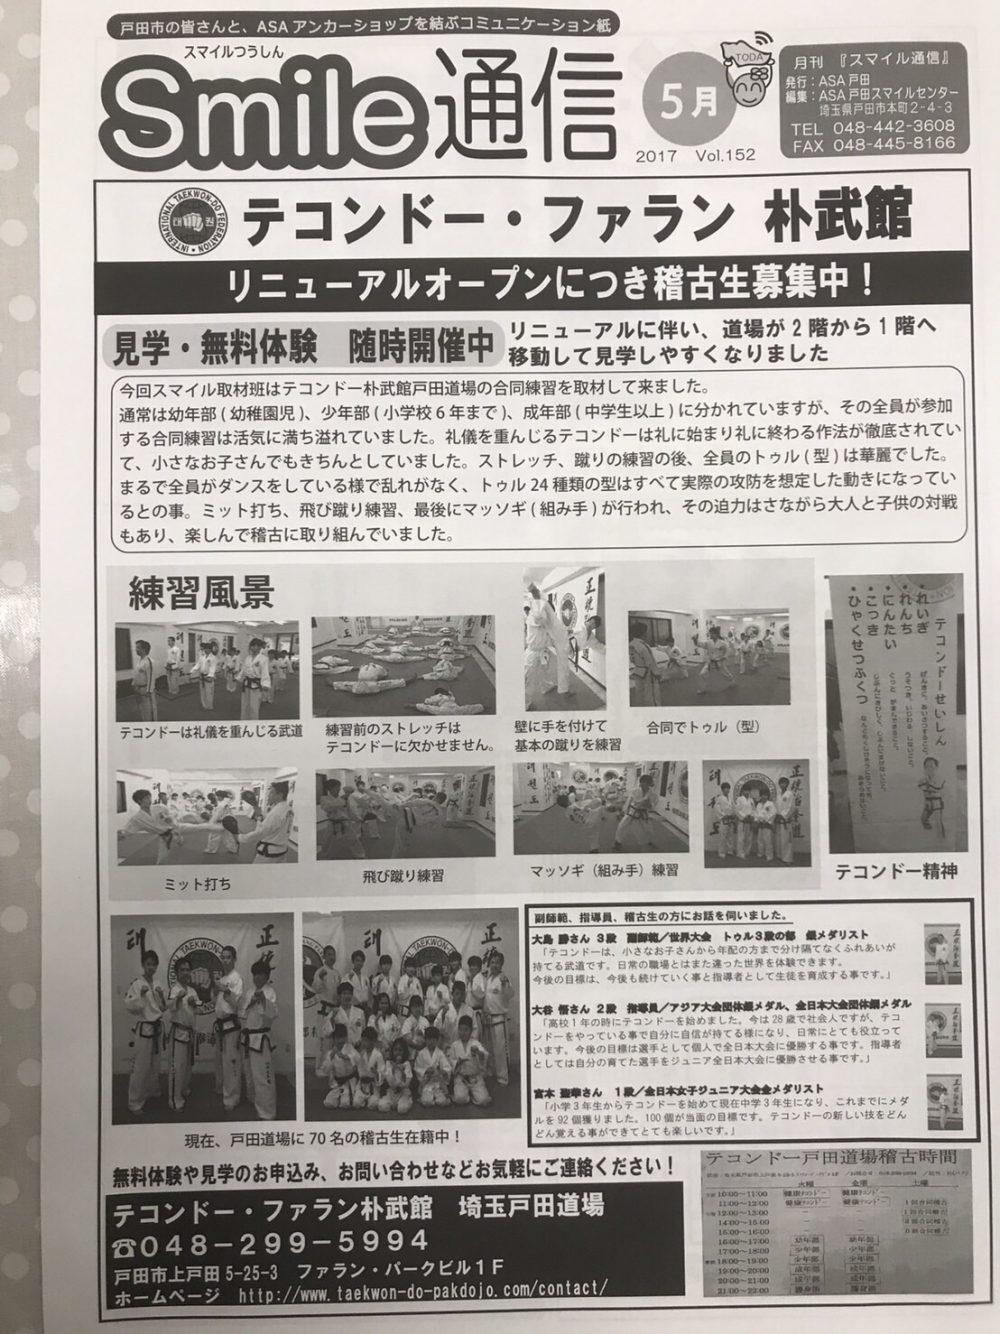 戸田公園情報サイト「戸田ぴ!」に掲載